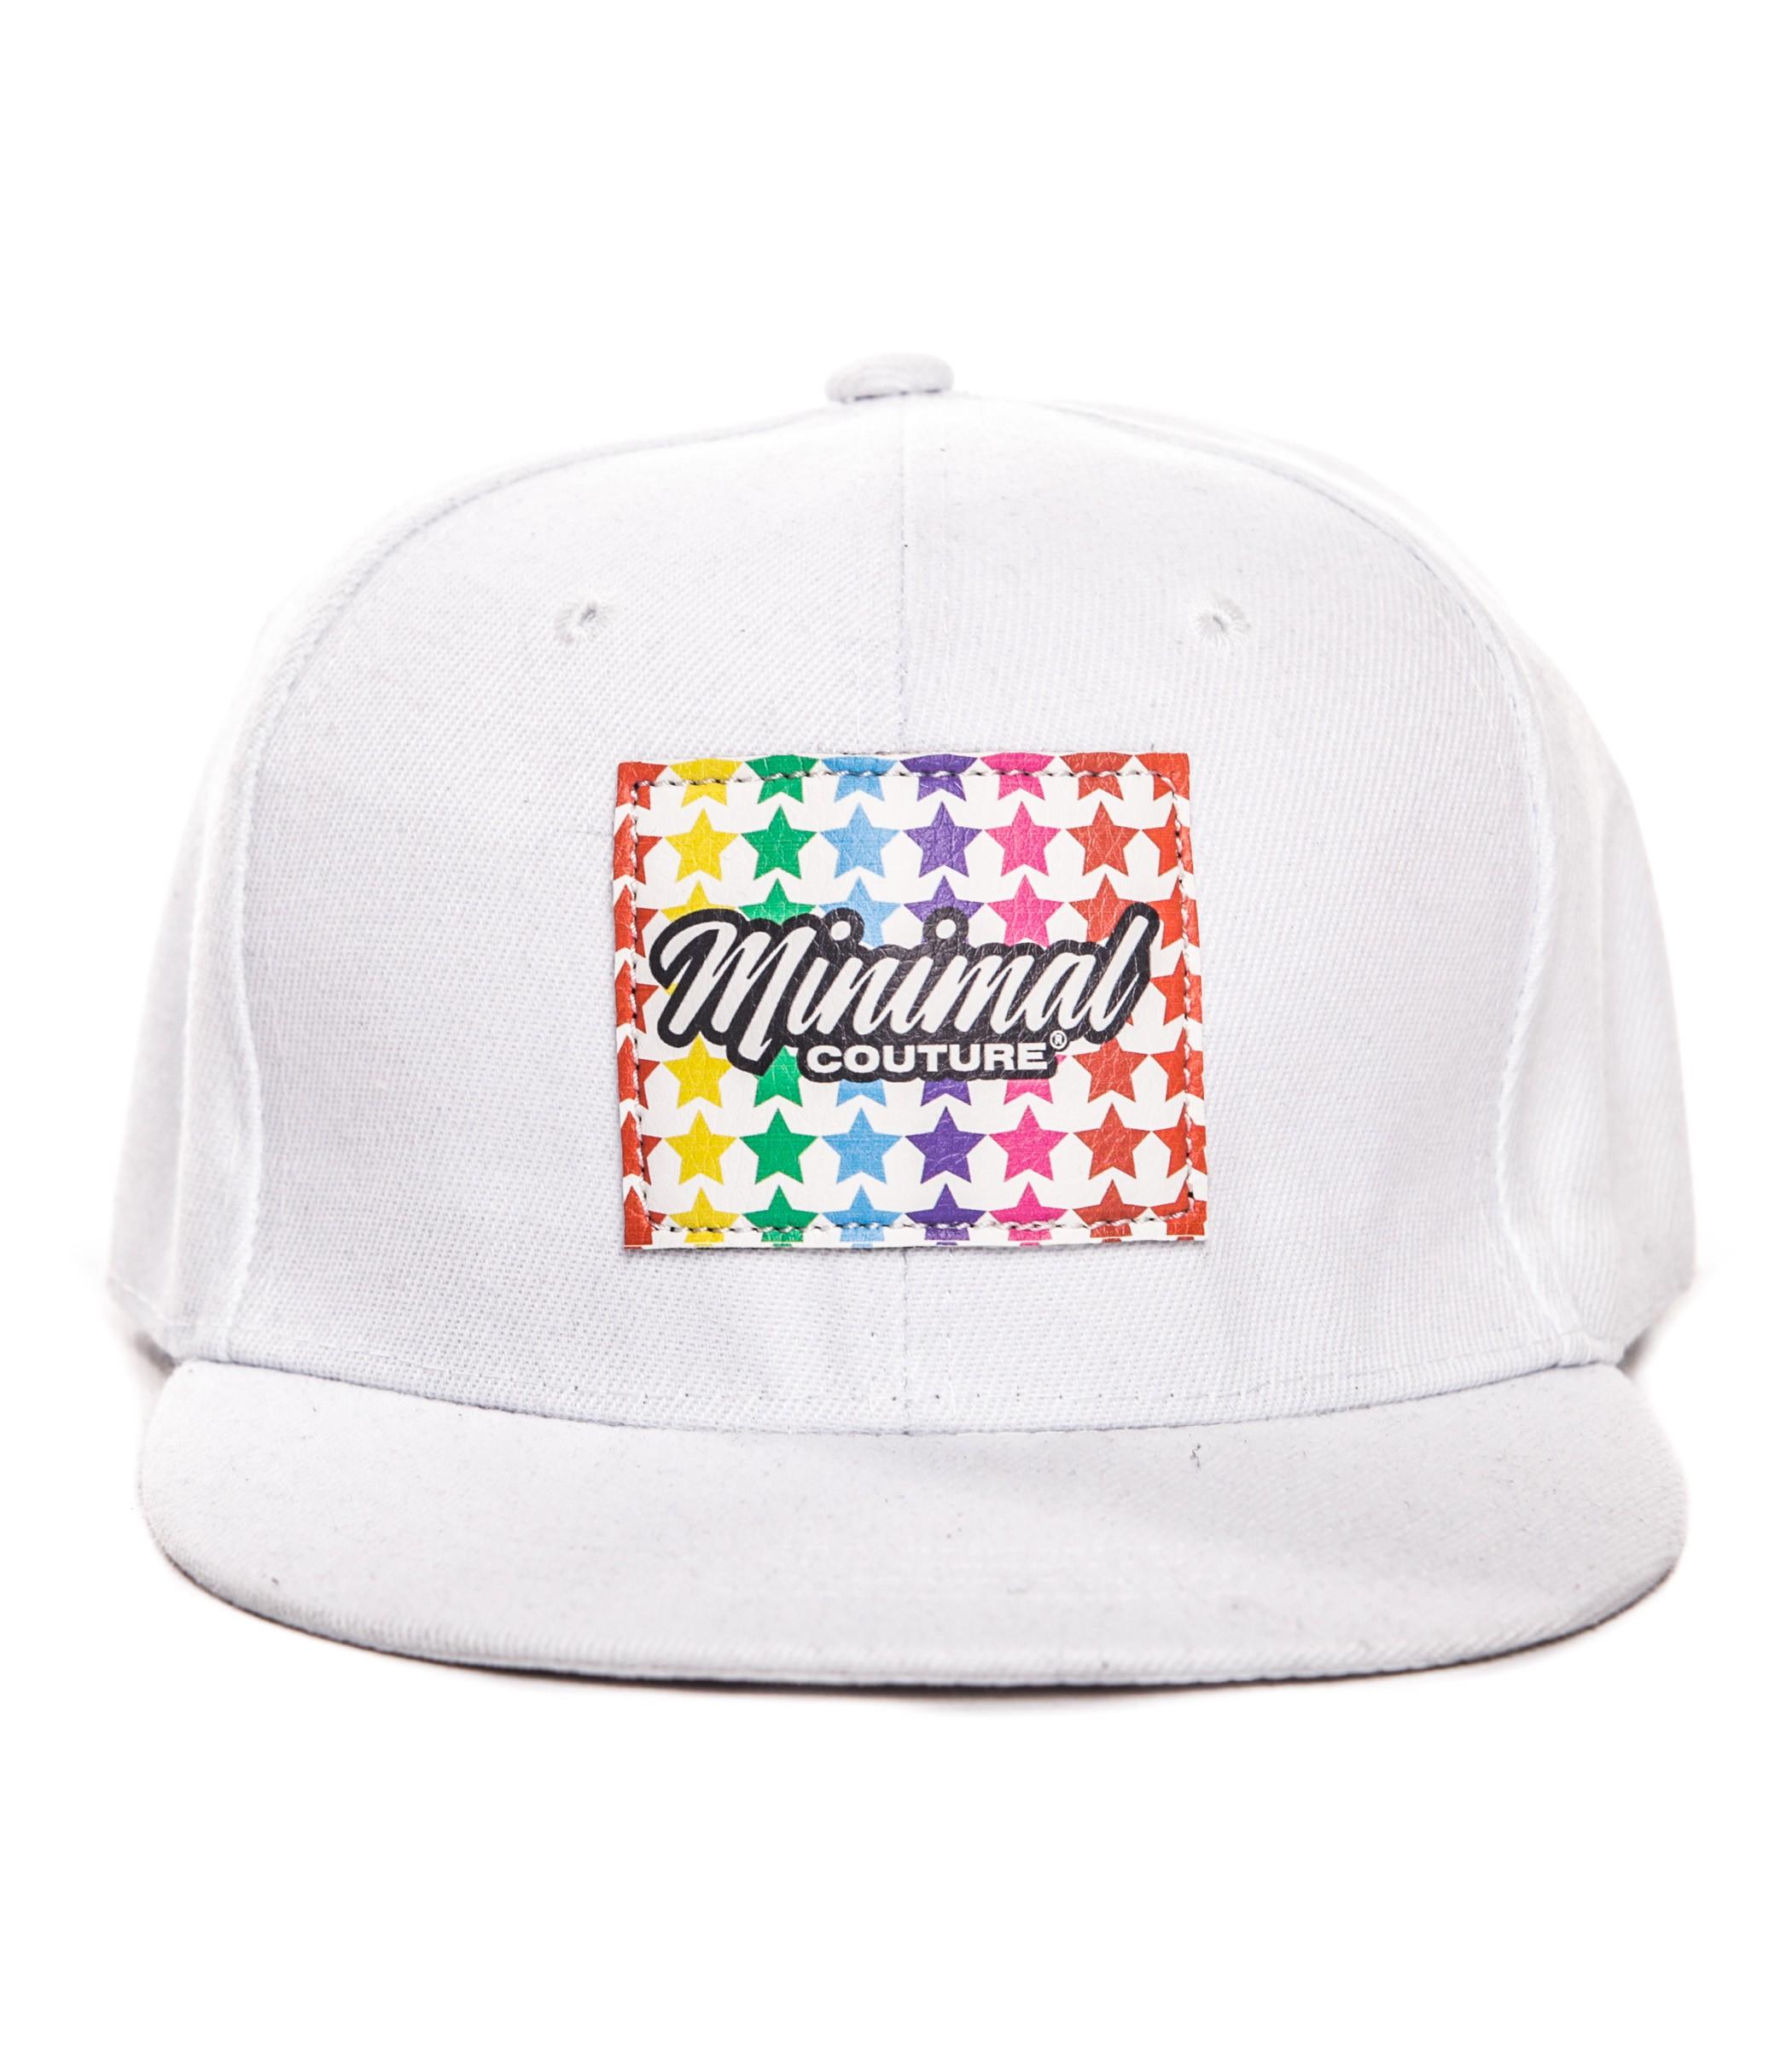 miglior valore vende economico in vendita Cappello con visiera MINIMAL Couture Unisex uomo donna rif. A0501